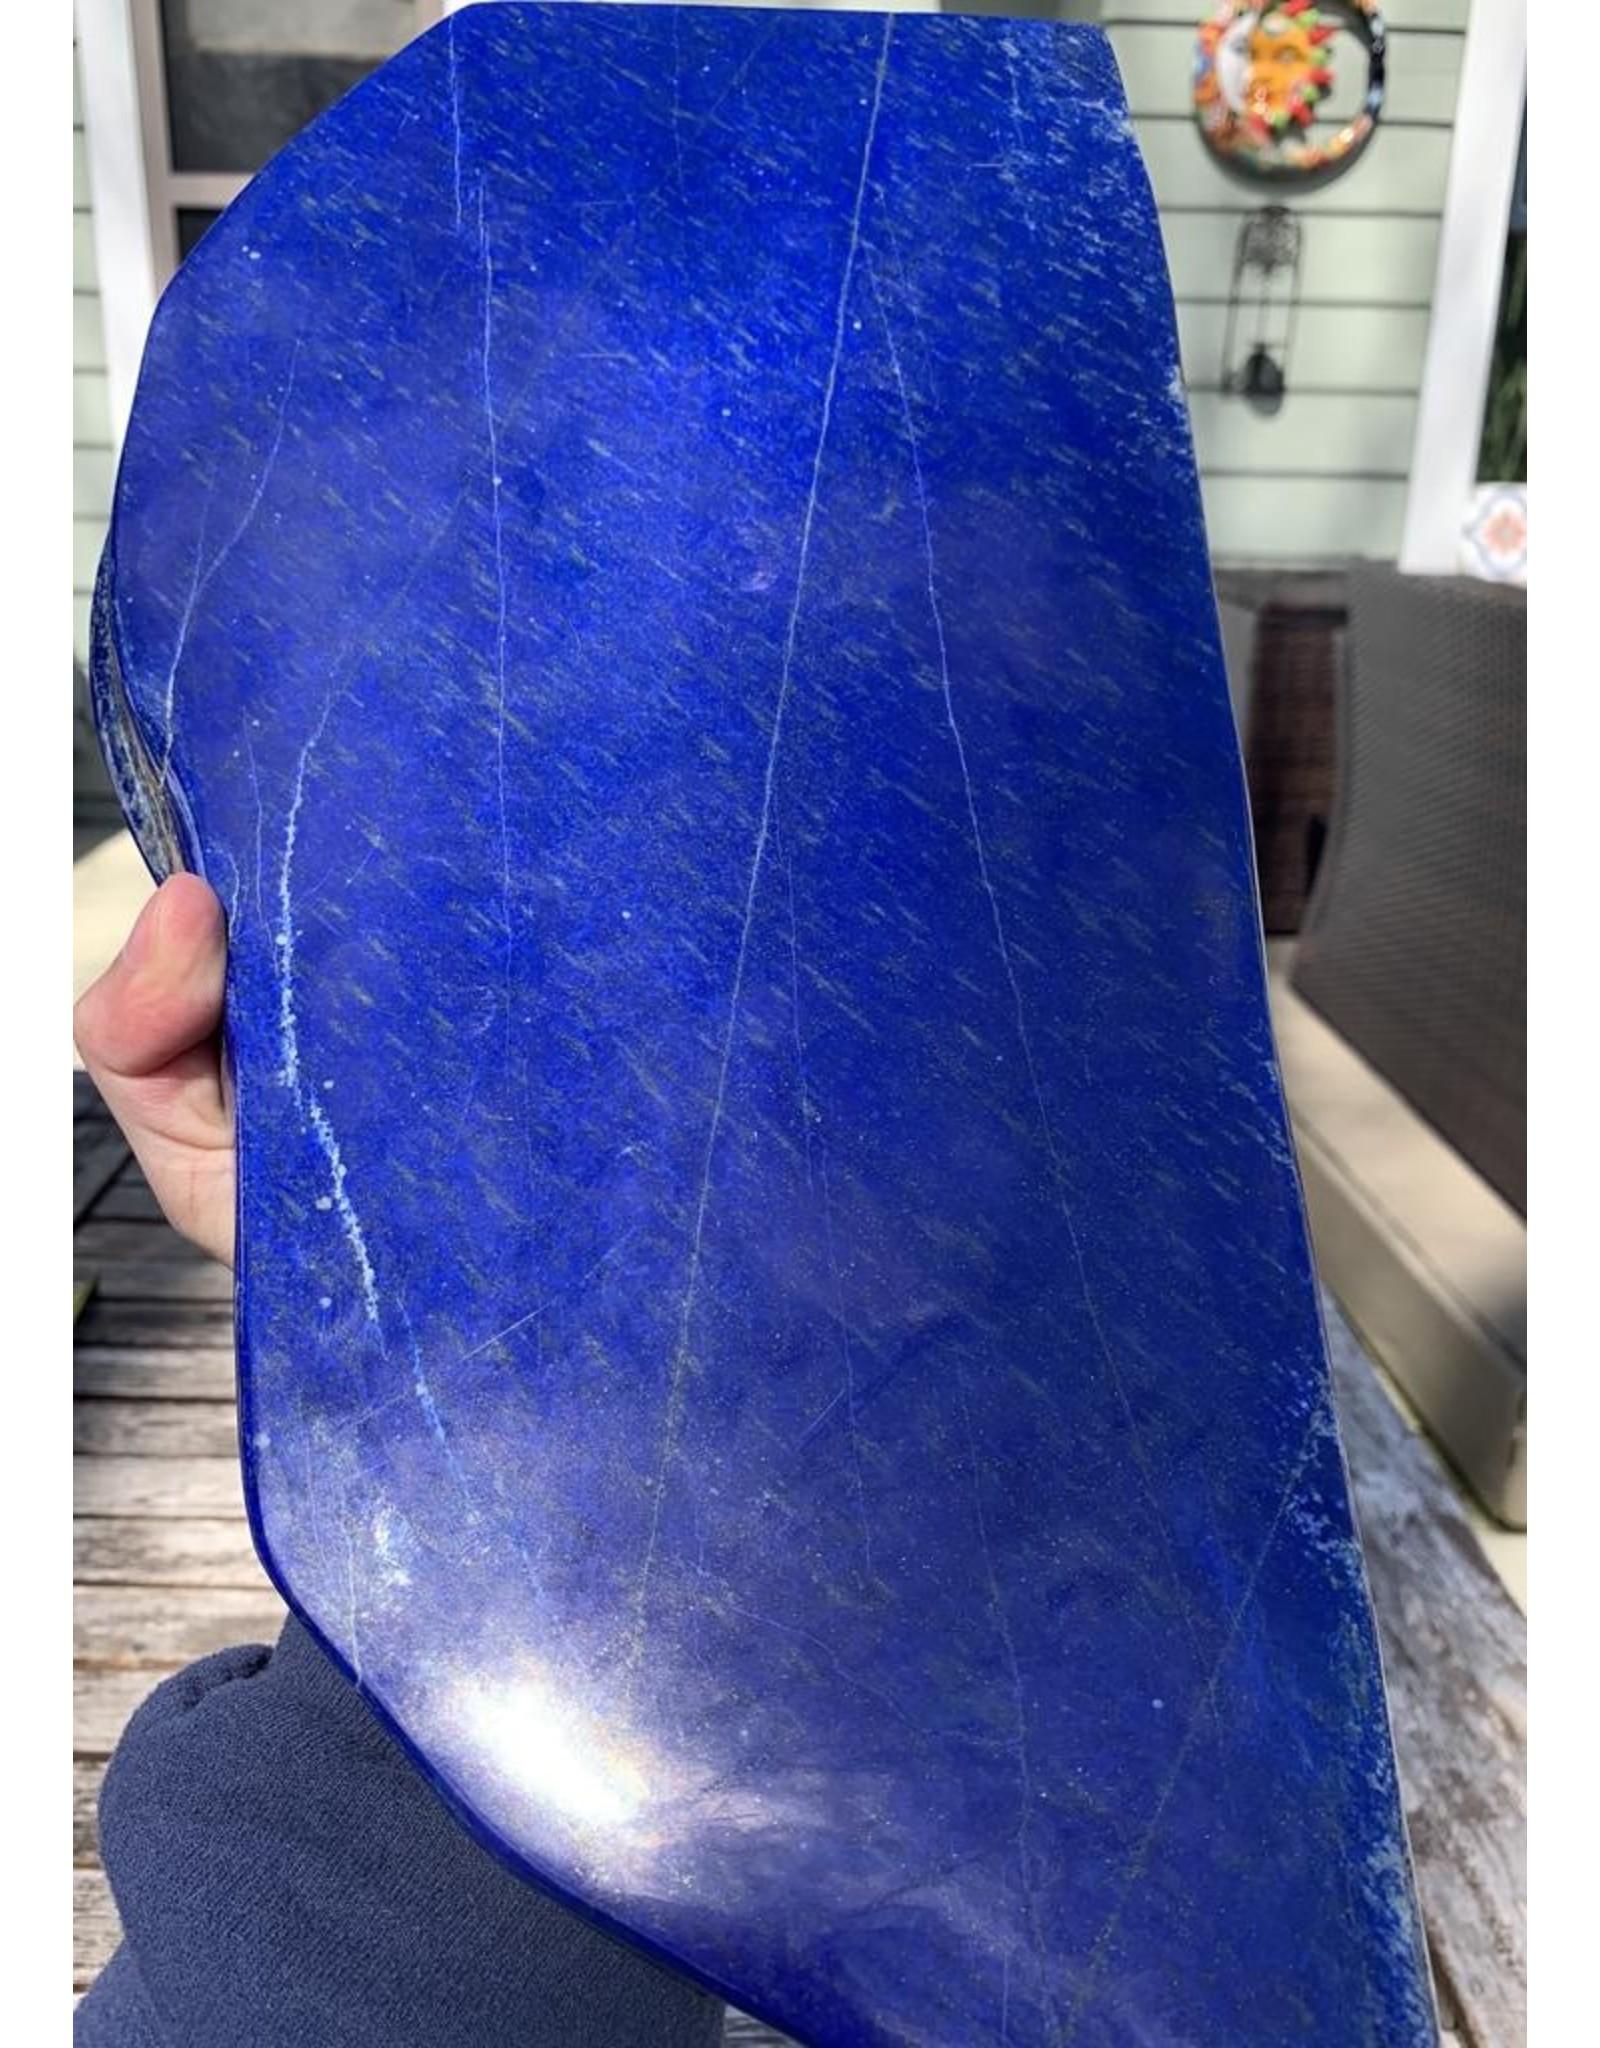 Polished Lapis Lazuli Slab